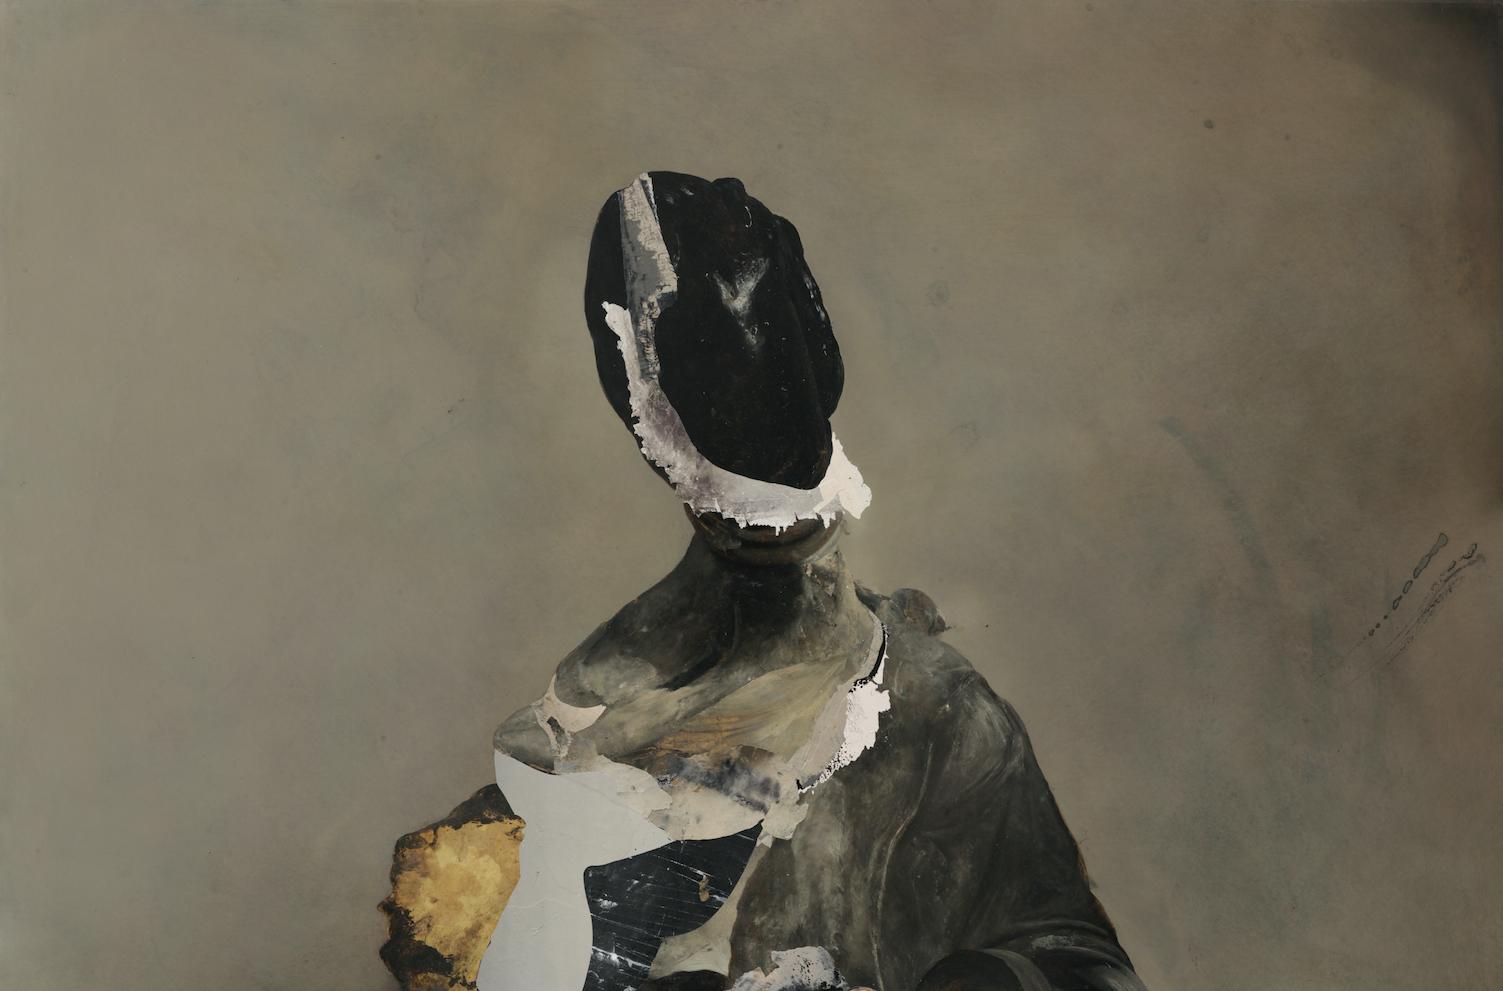 Nicola Samorì fustiga le immagini. A Bologna le prima antologica dell'artista